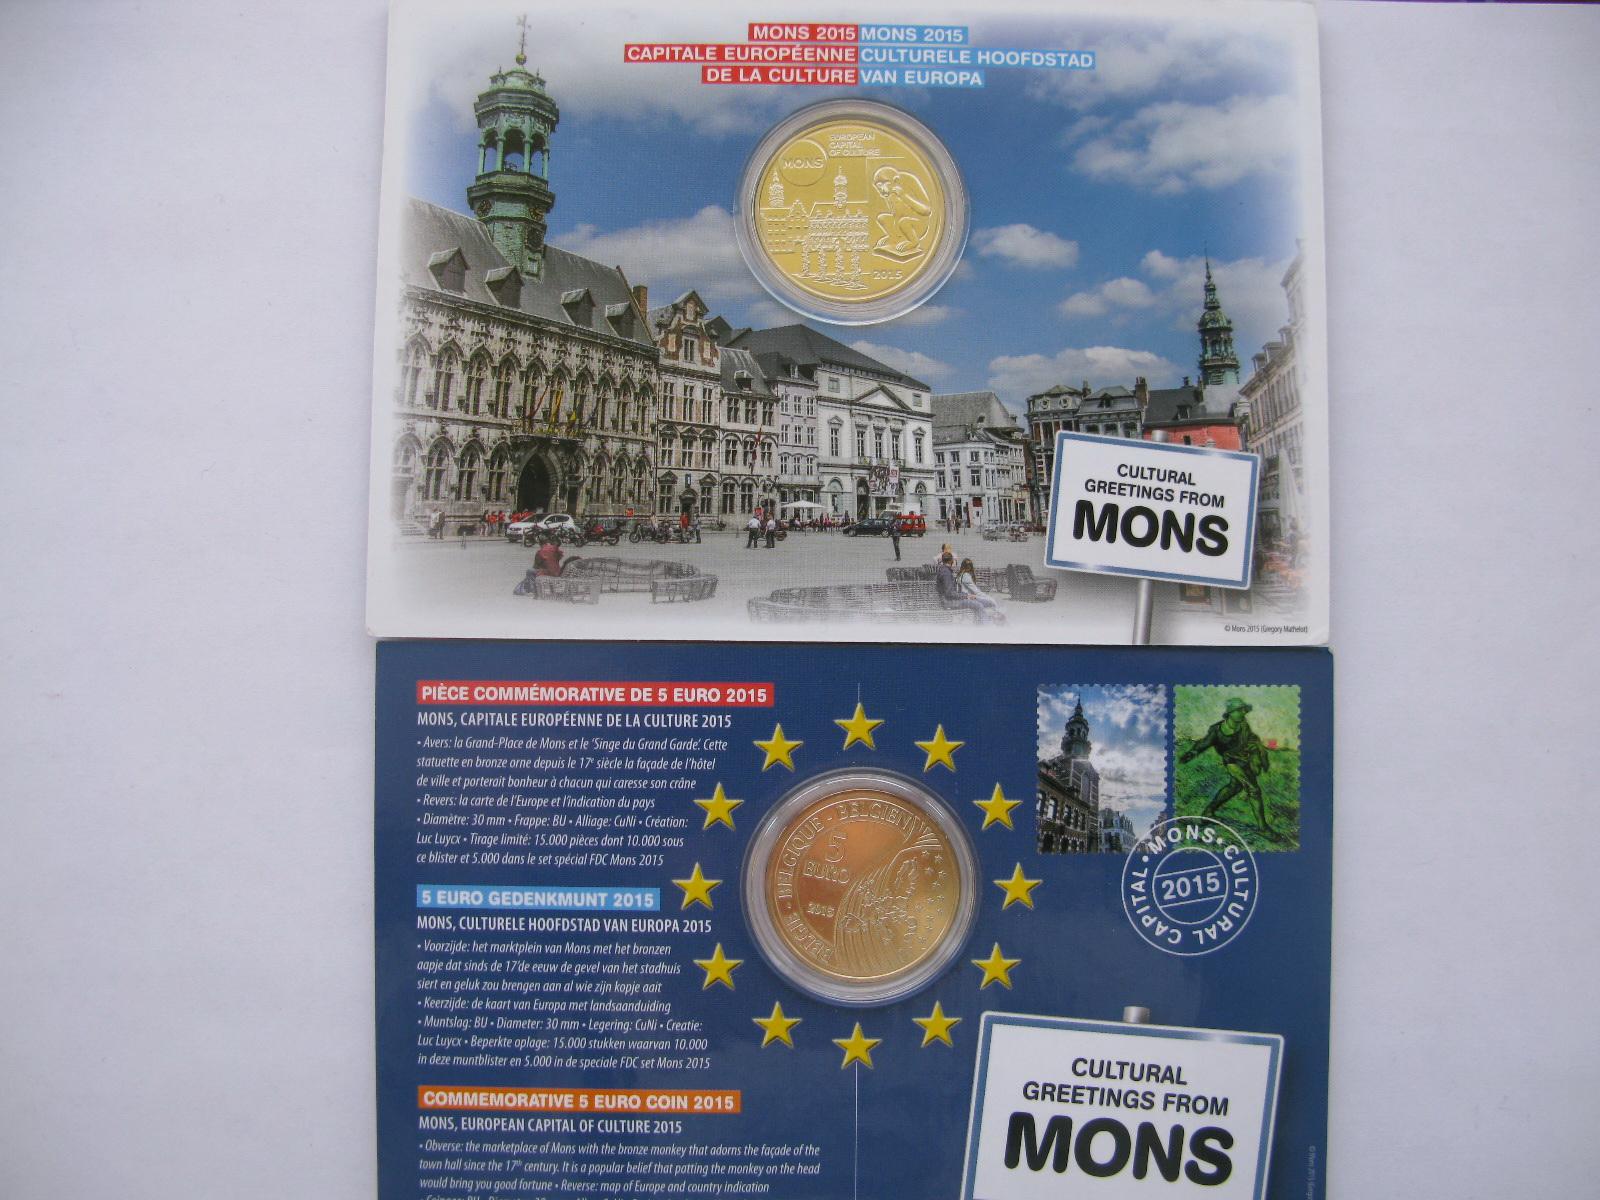 Бельгия 5 евро 2015 г. Монс - культурная столица Европы